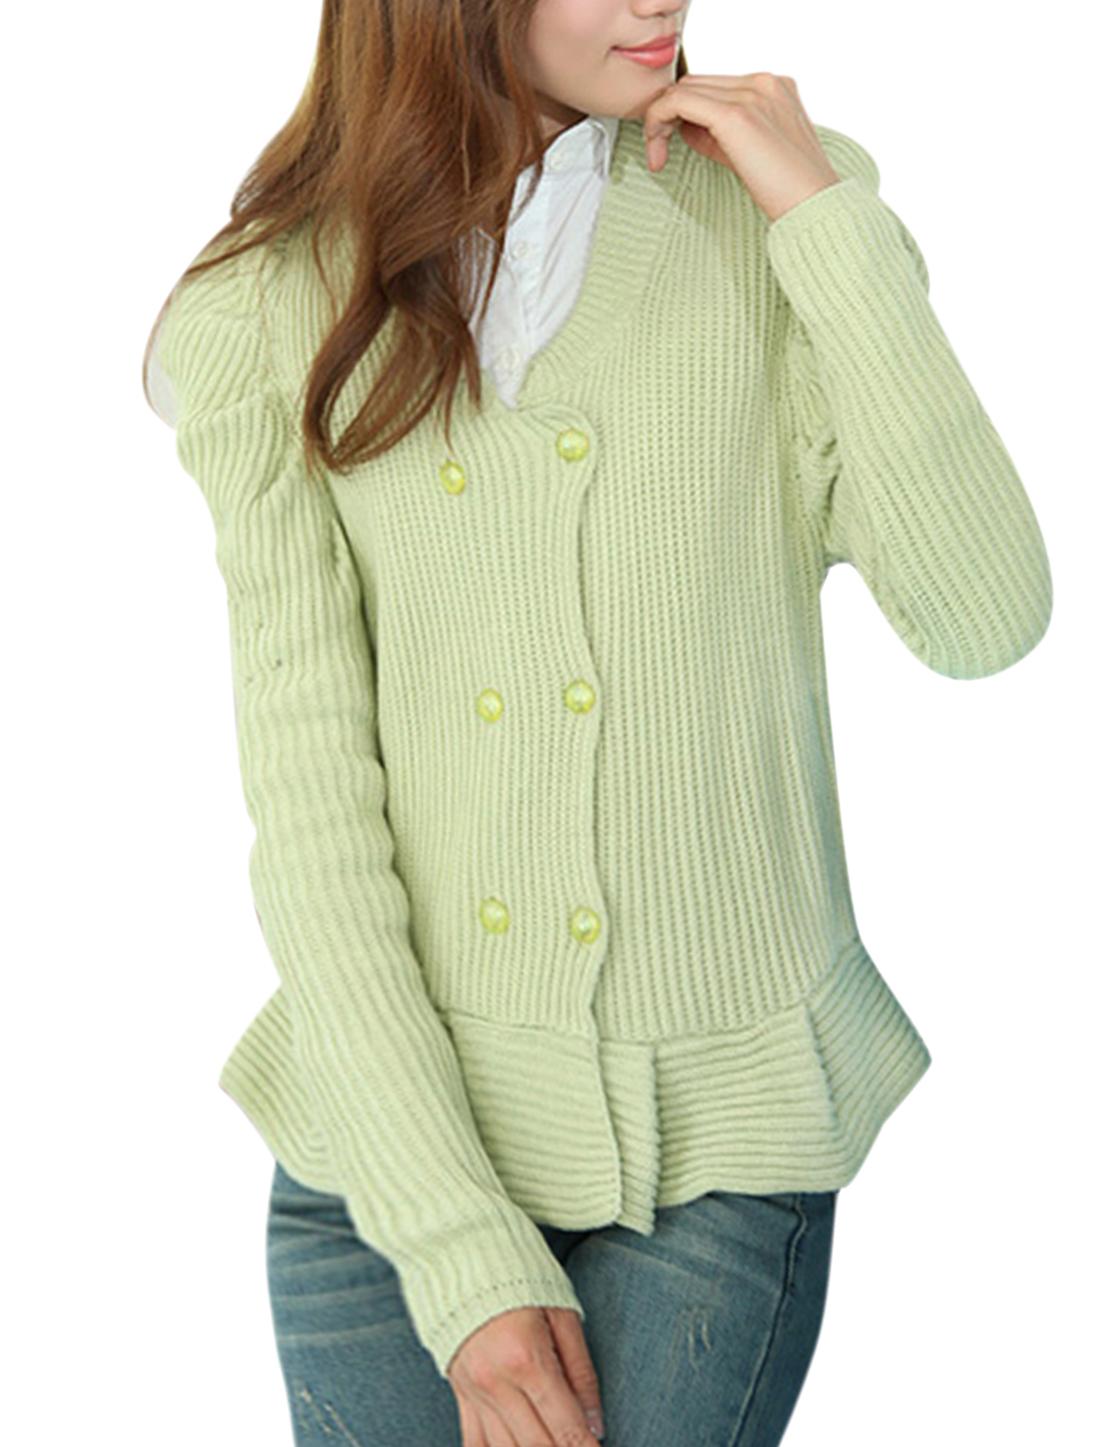 Women Double Breasted Long Sleeve Sweatercoat Light Green XS